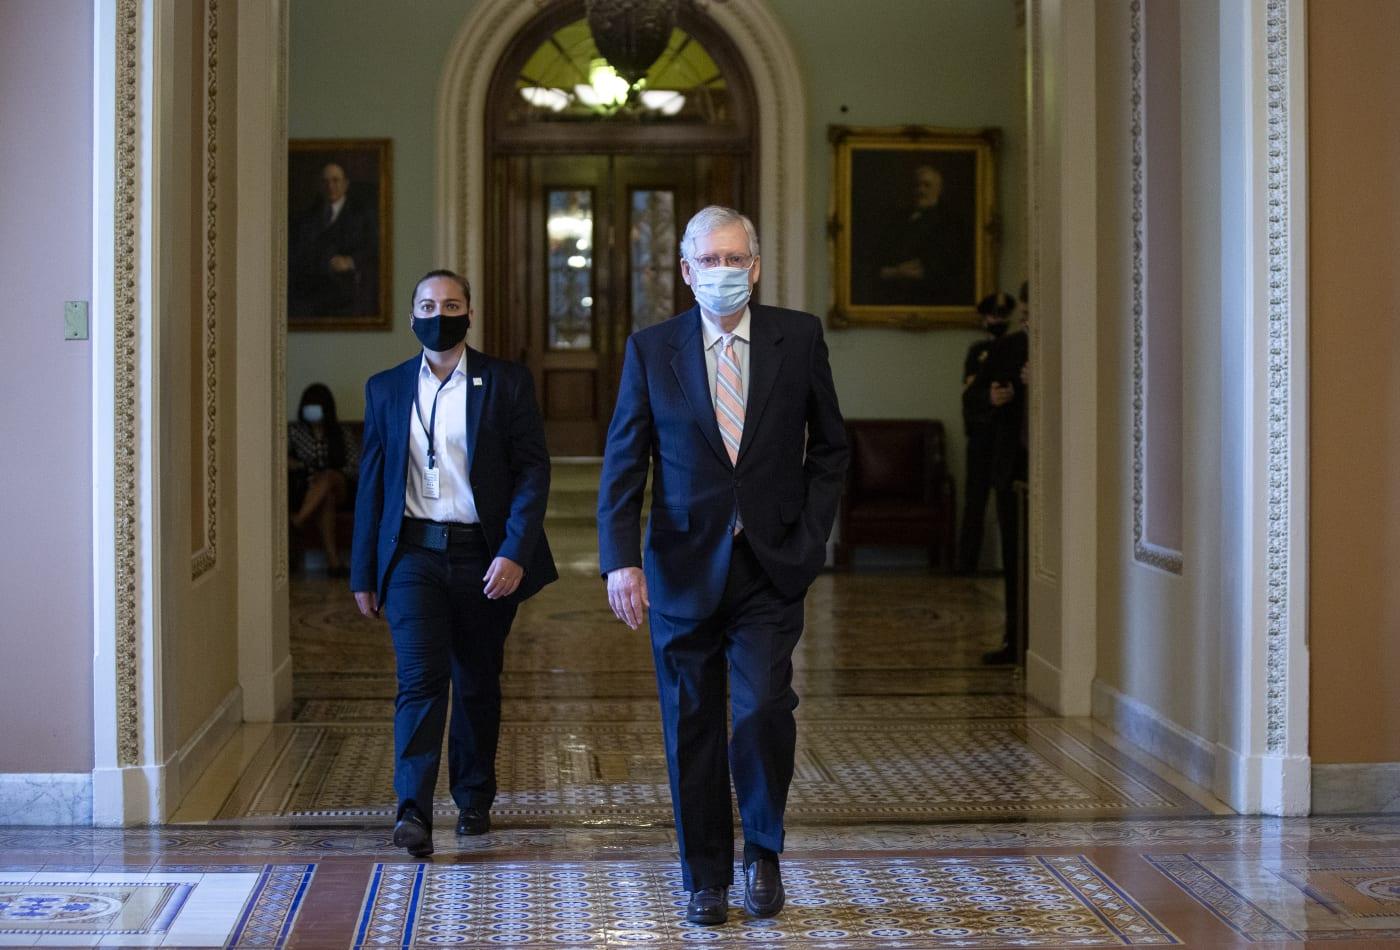 Quốc hội không thống nhất gói cứu trợ, nghị sĩ Mỹ lần lượt rời thủ đô Washington - Ảnh 1.